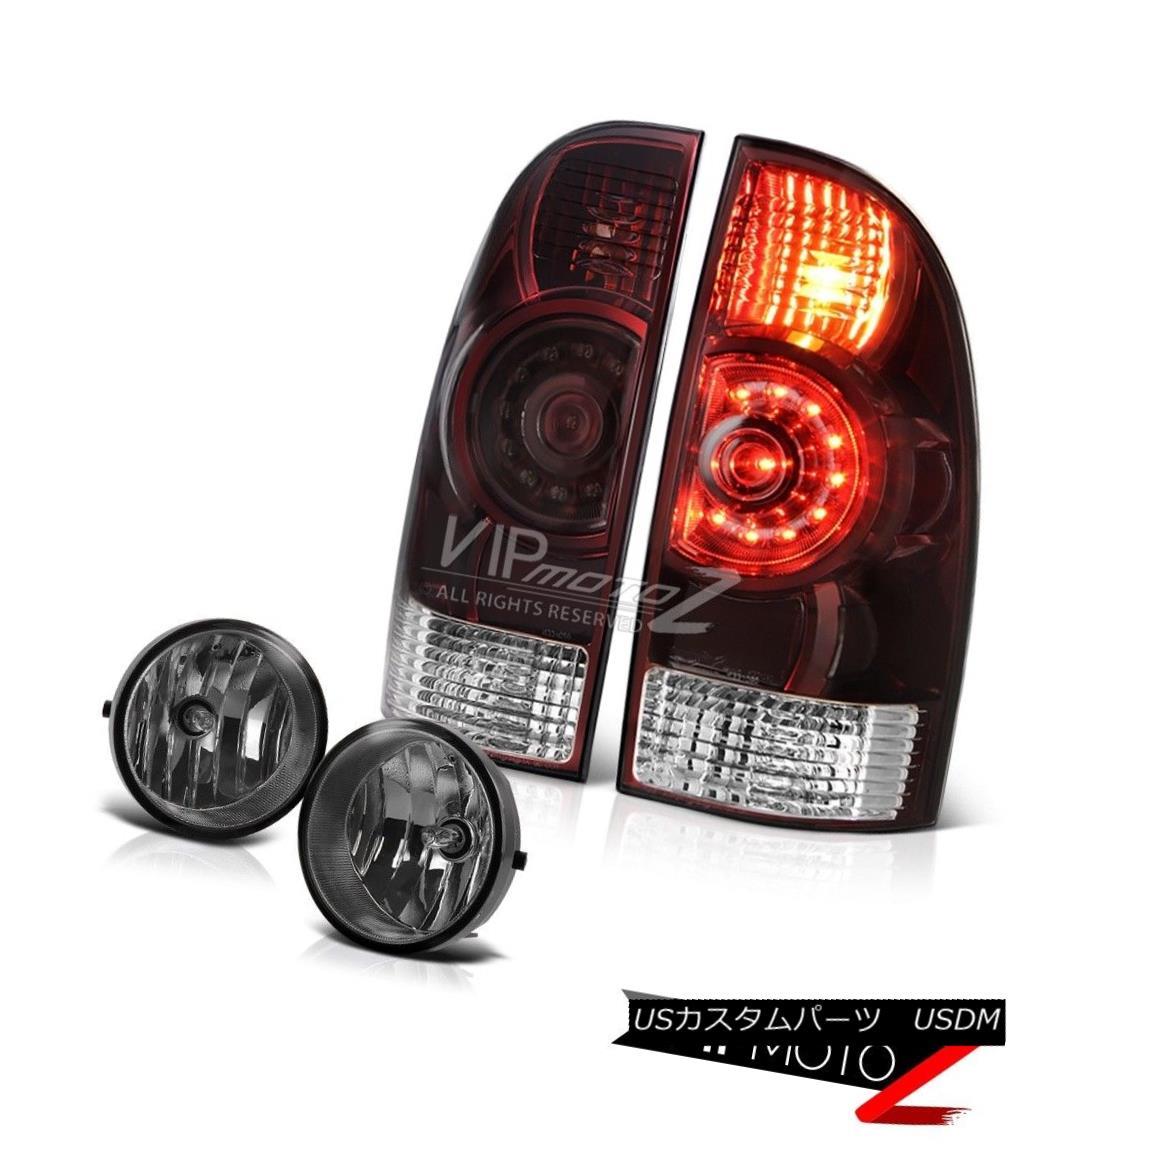 テールライト 05-11 Tacoma X-Runner Burgundy red tail brake lights fog LED SMD Crystal Lens 05-11タコマXランナーバーガンディレッドテールブレーキライトフォグLED SMDクリスタルレンズ